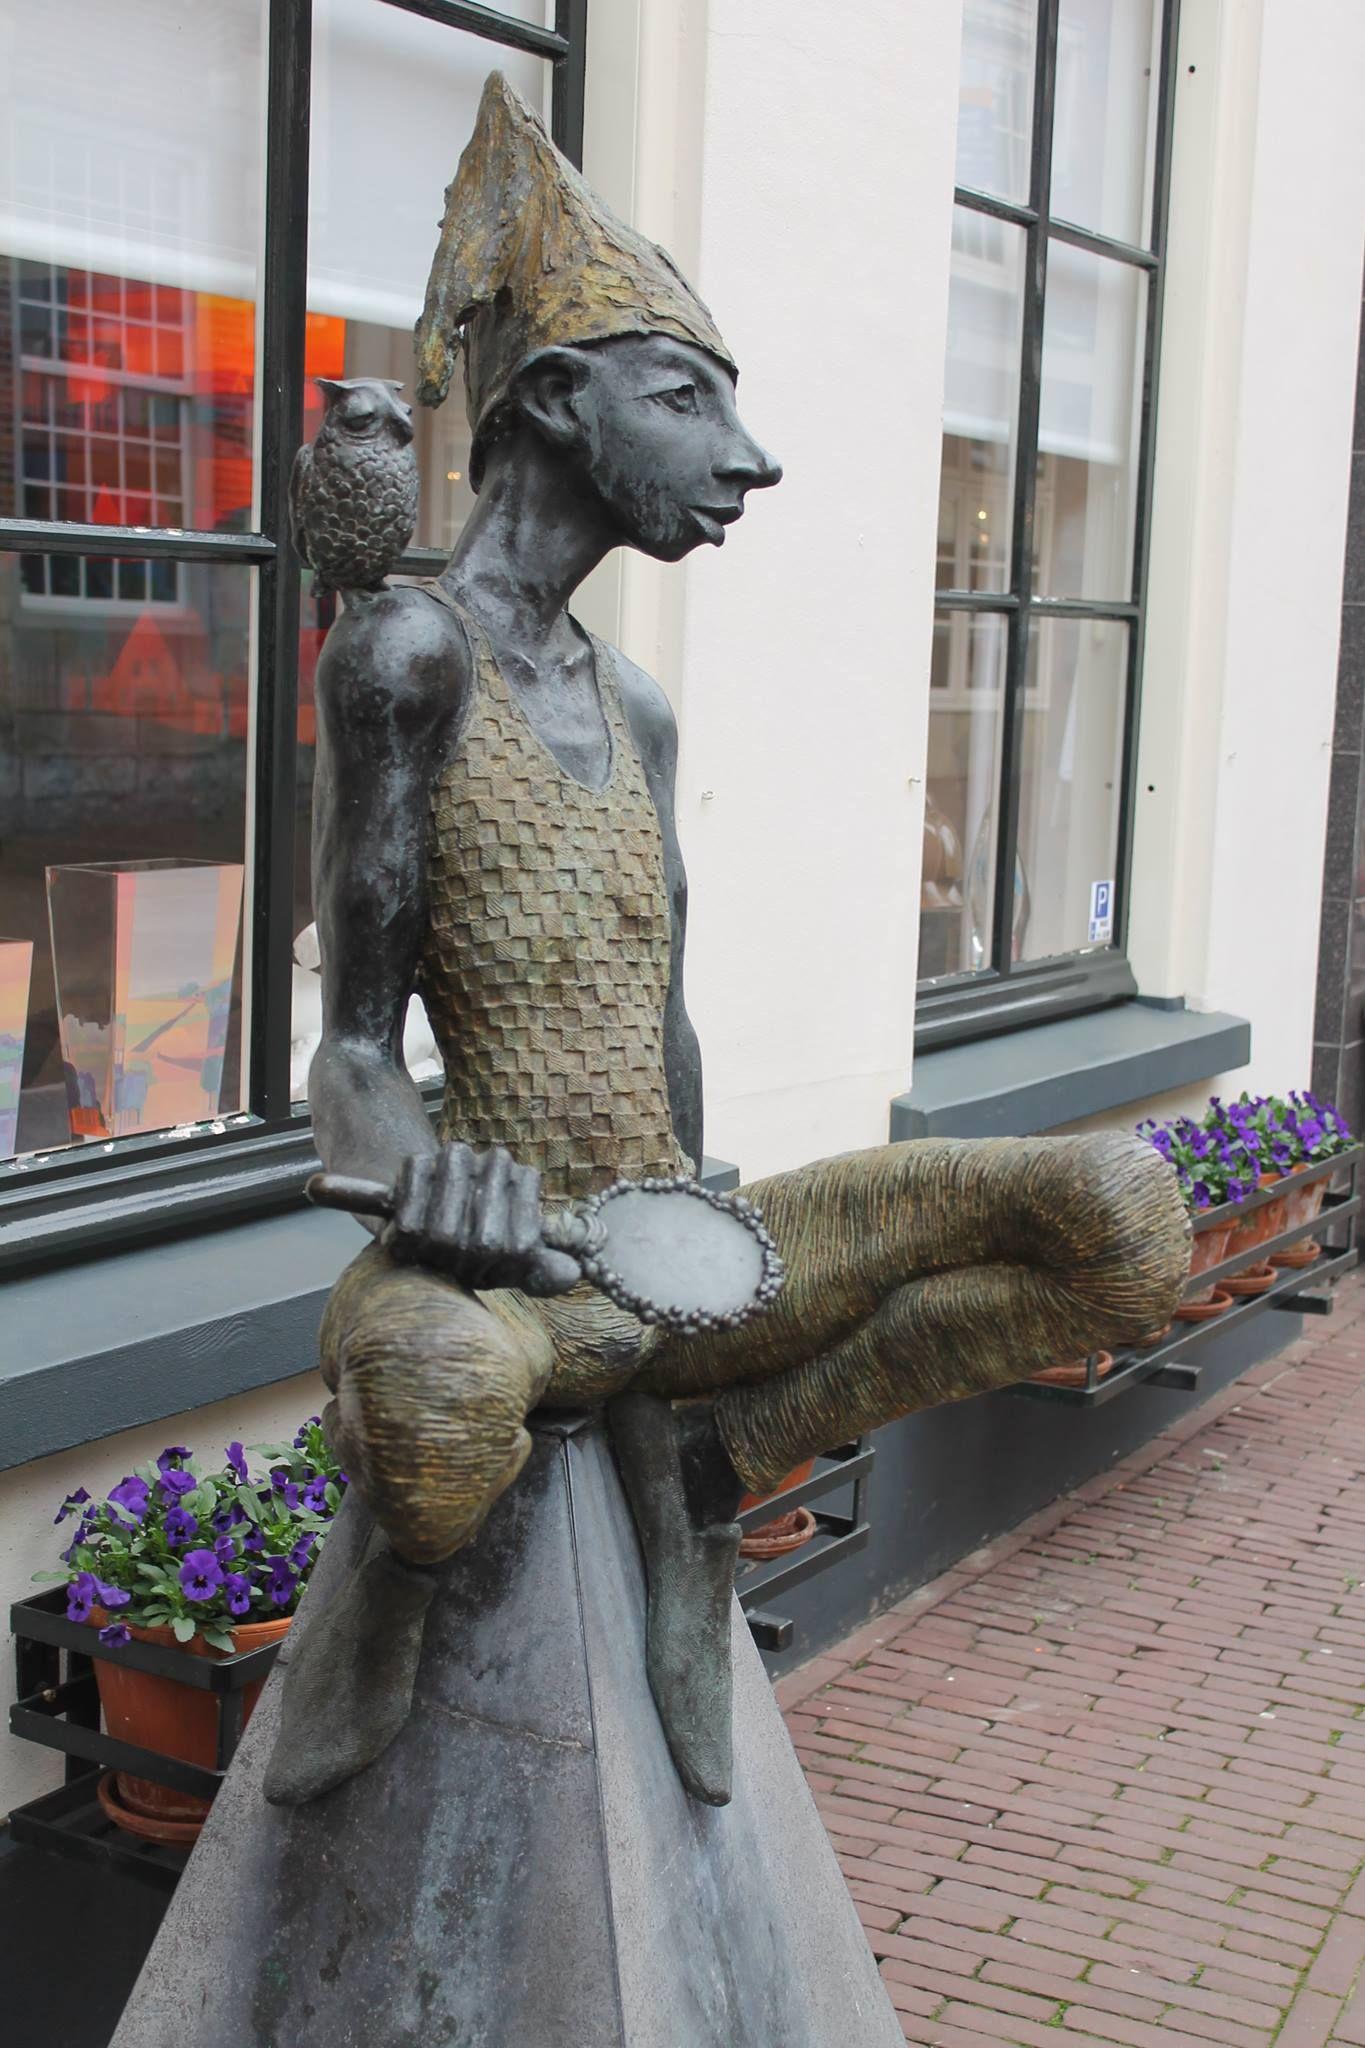 Ootmarsum, Tijl Uilenspiegel bronzen beeld uit 1995 van Dirk de keizer. Het staat in de Marktstraat.